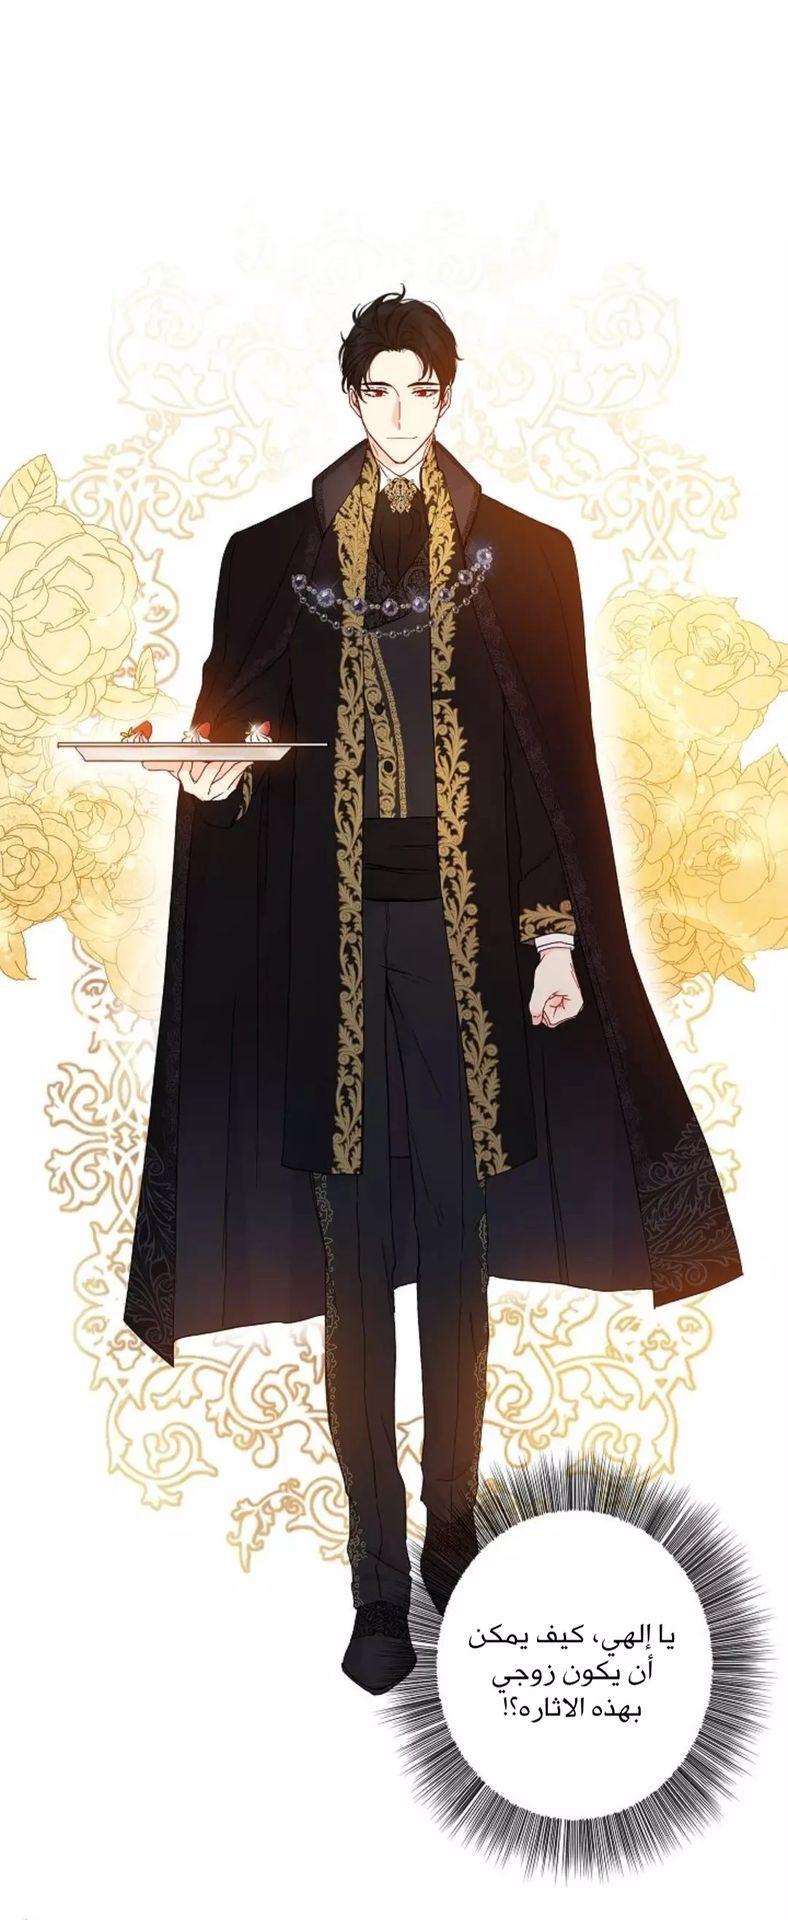 الموسم الثانى لقد دمرت الإمبراطورية بلاد سوفين وكان على ليلين إيف غيرروائي غير روائي Amreading Books Anime Prince Dark Anime Guys Anime Boyfriend